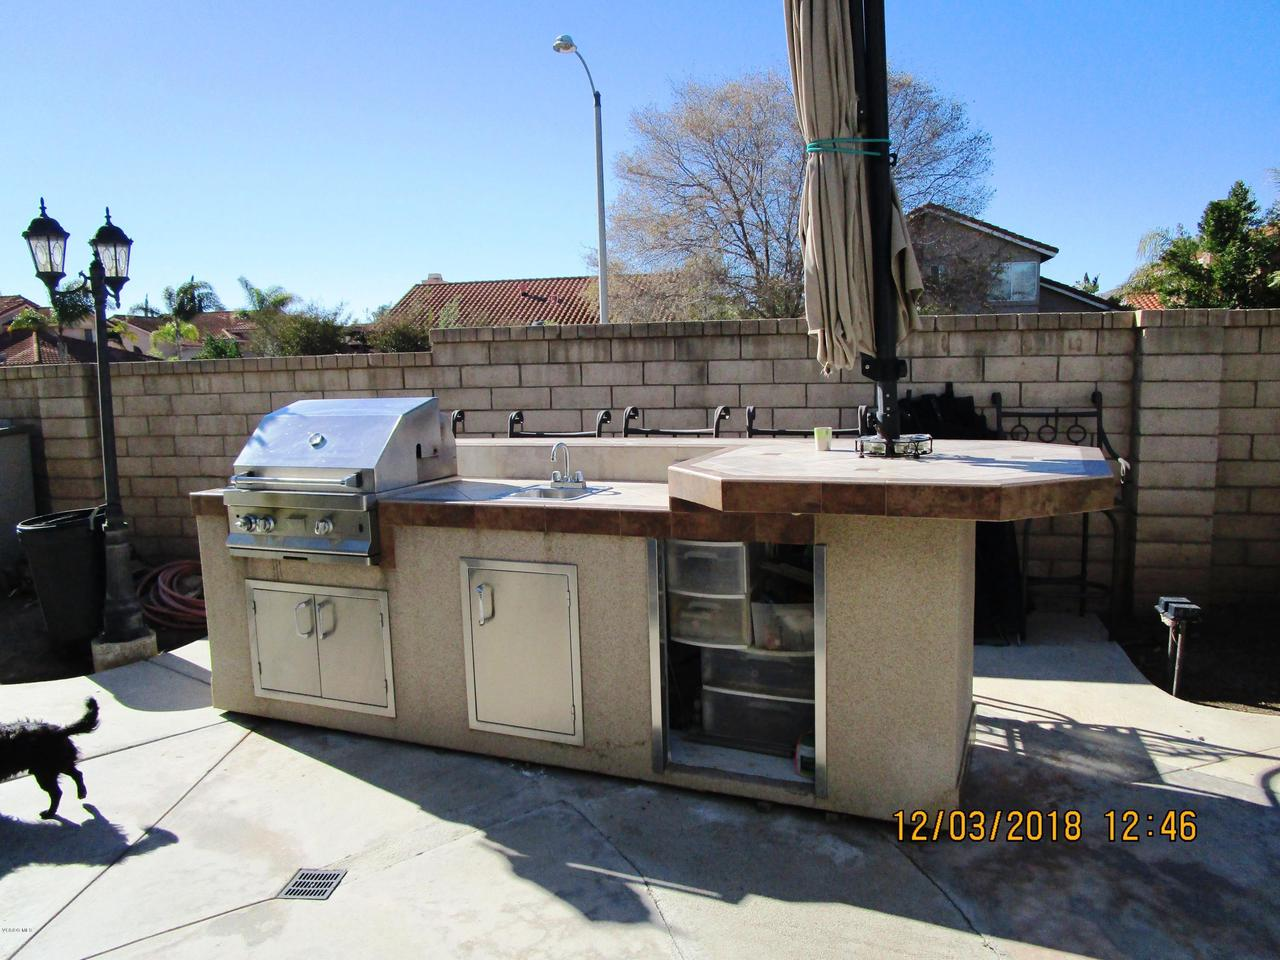 1063 MEADOWLARK, Fillmore, CA 93015 - BBQUE